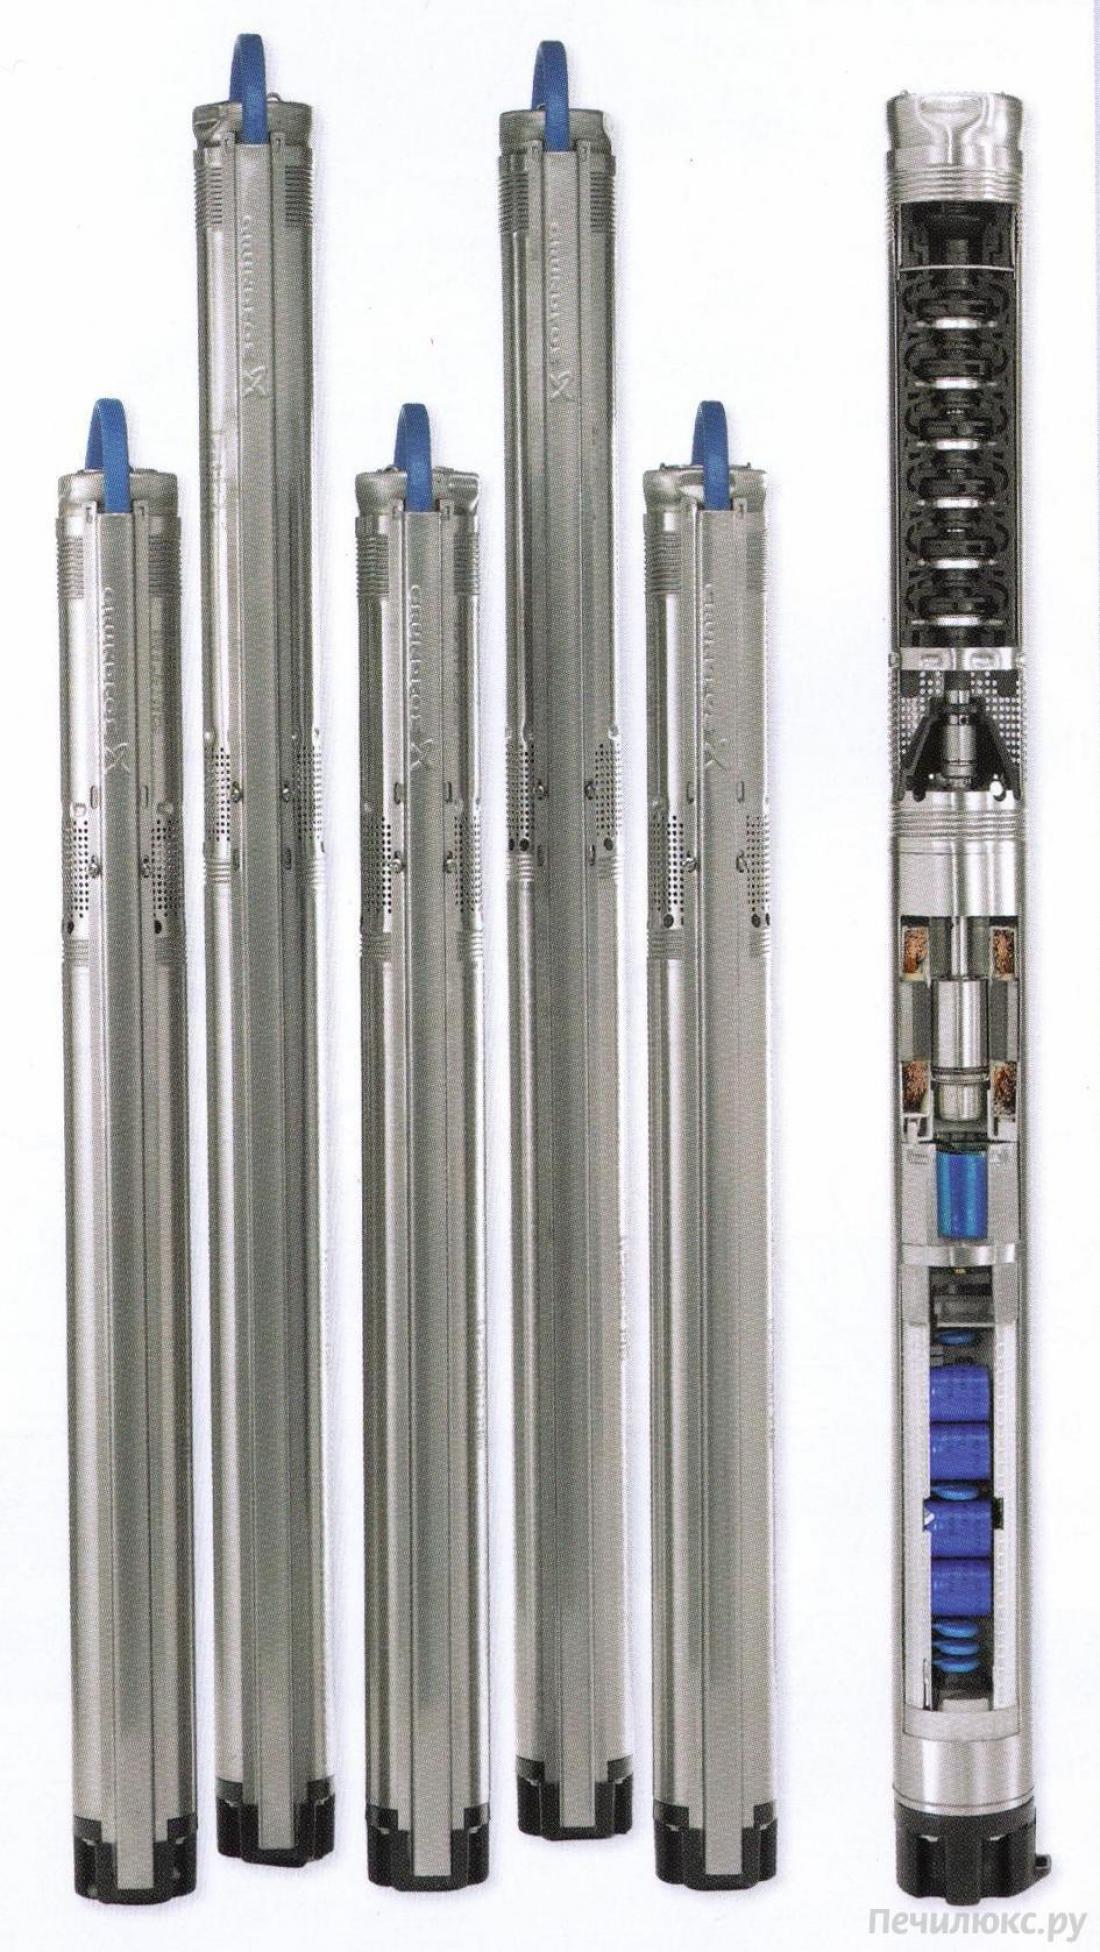 SQ  7- 15     0.70kW 200-240V 50/60Hz